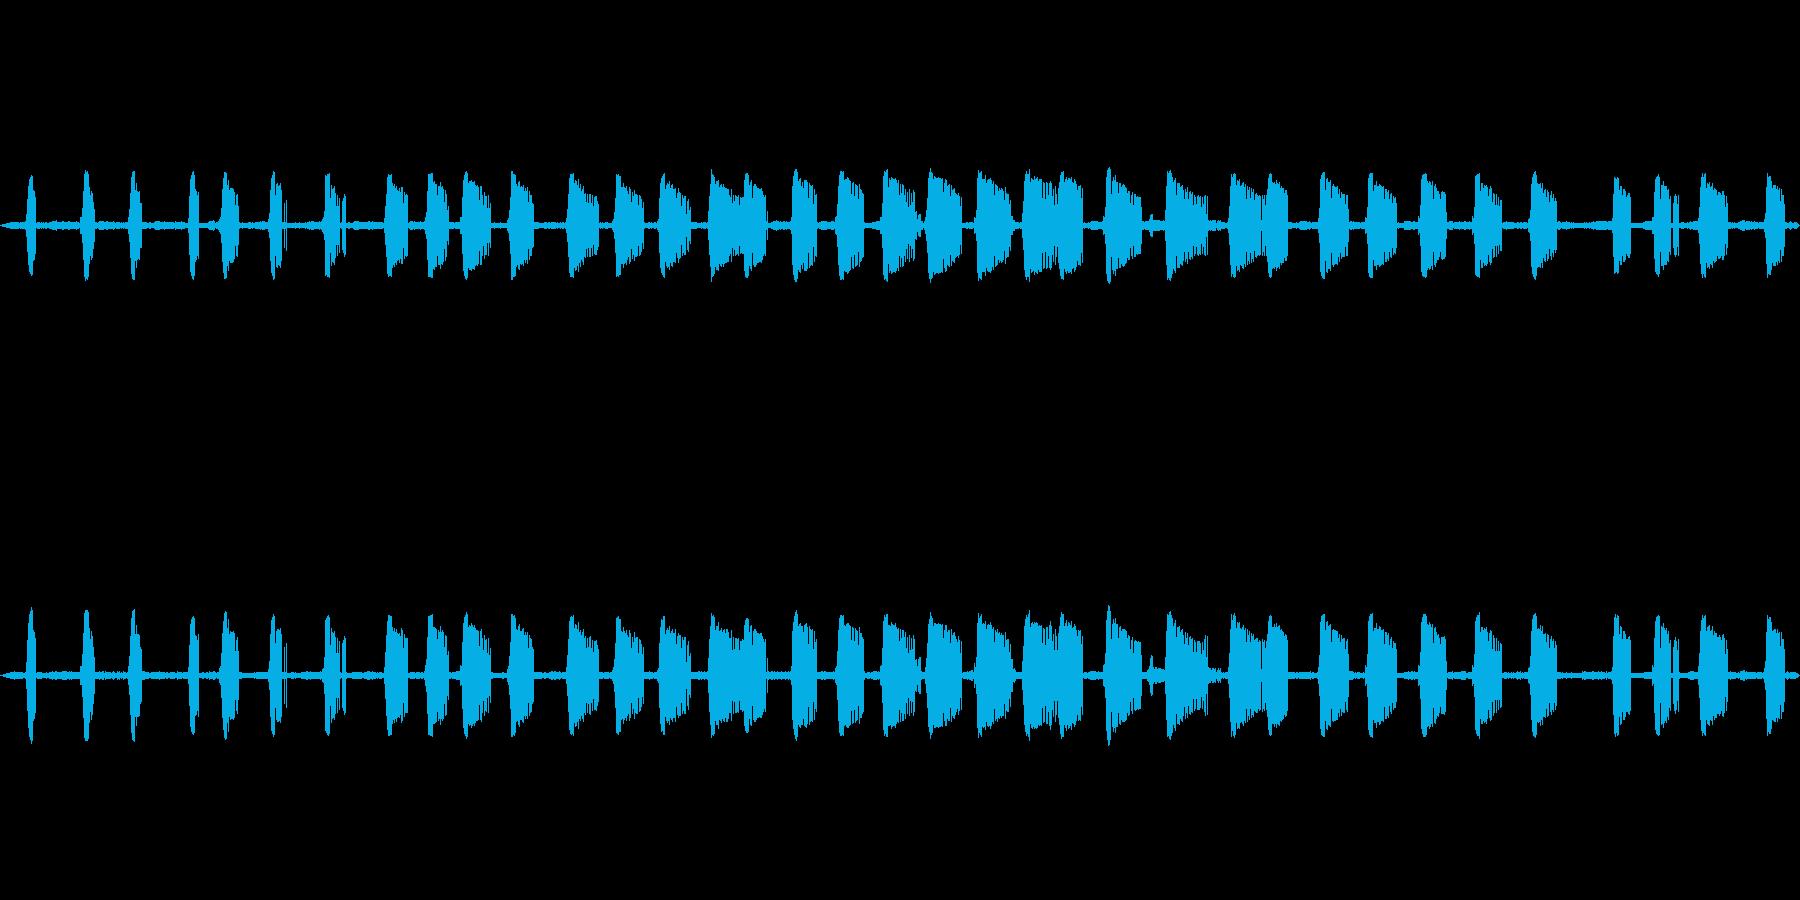 【初秋】コオロギの鳴き声 生音の再生済みの波形